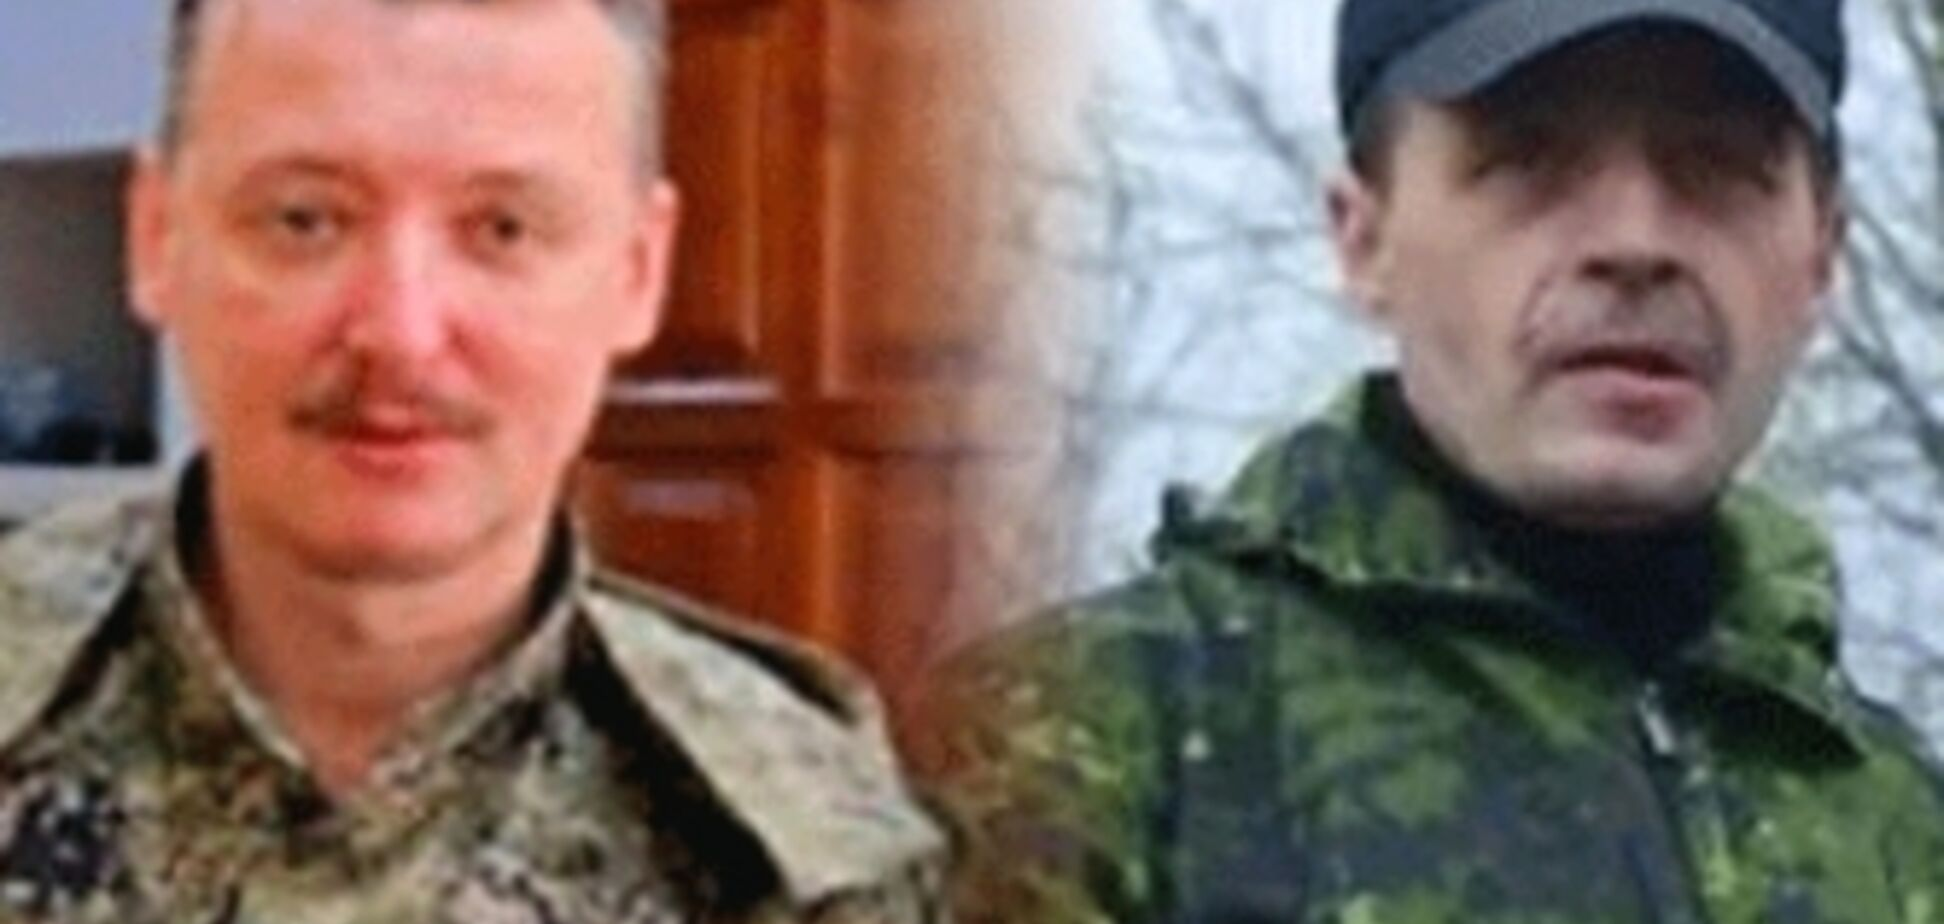 ГПУ обвинила Стрелка и Беса в умышленных убийствах, похищениях и пытках заключенных